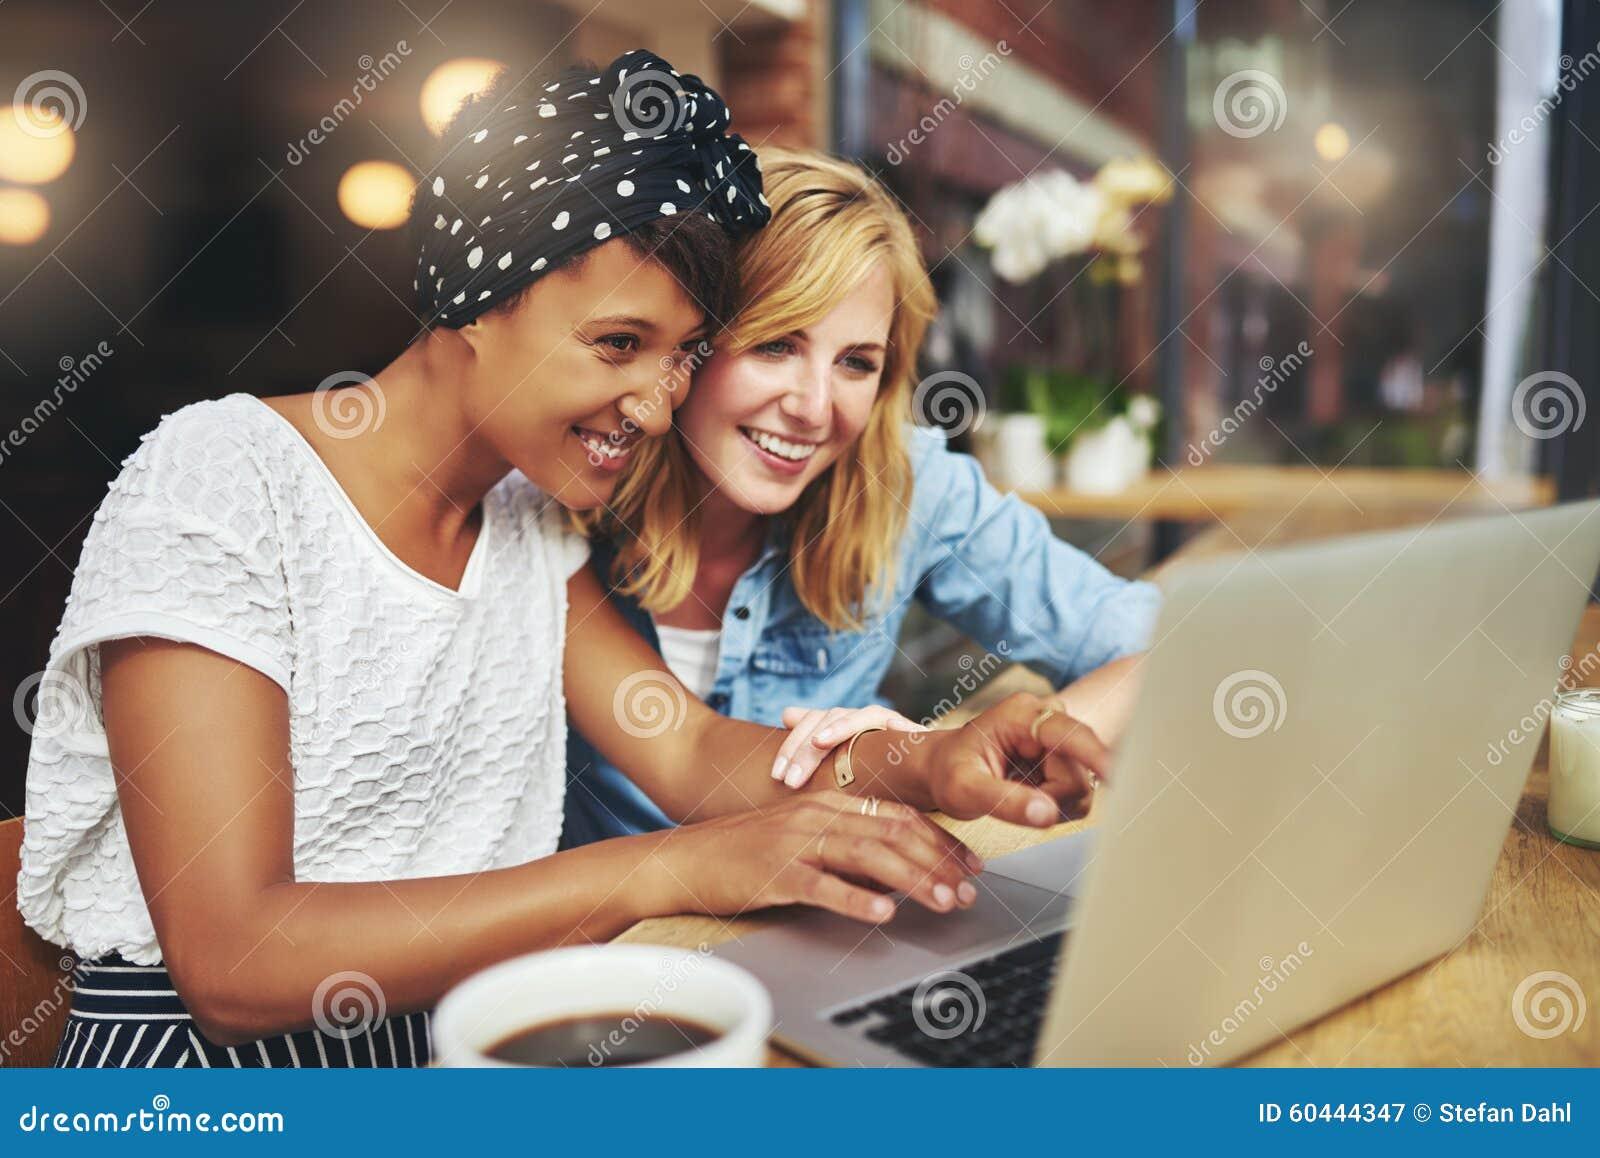 Zwei junge Freundinnen, die das Internet surfen